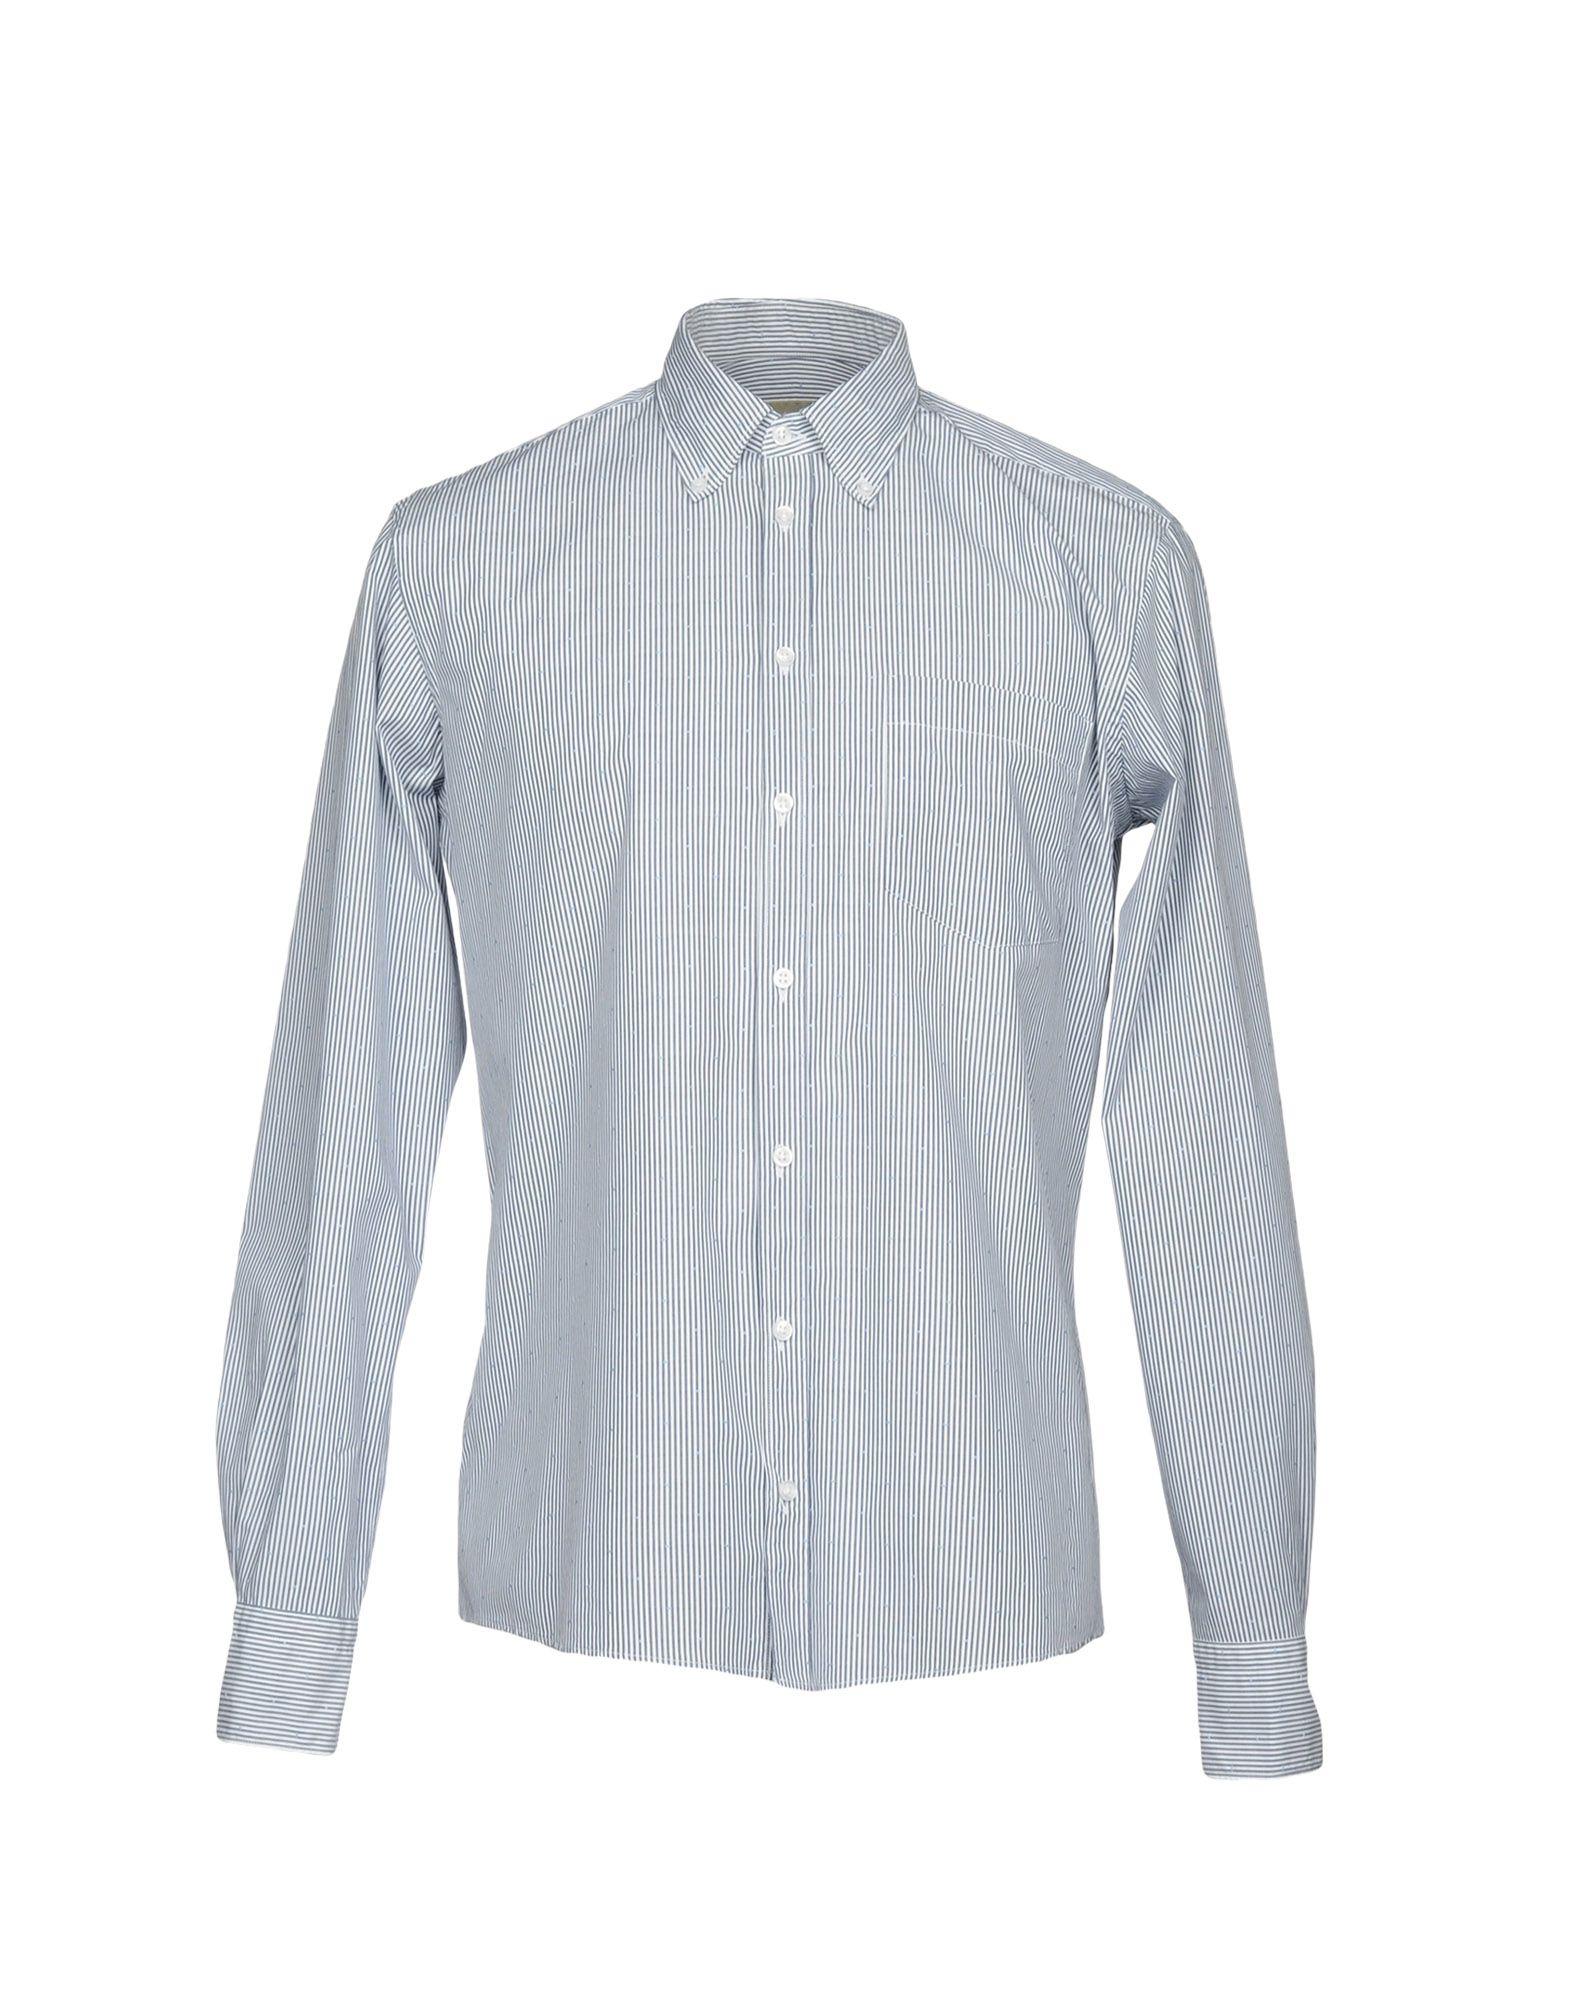 《送料無料》MAESTRAMI メンズ シャツ ダークブルー 40 コットン 100%